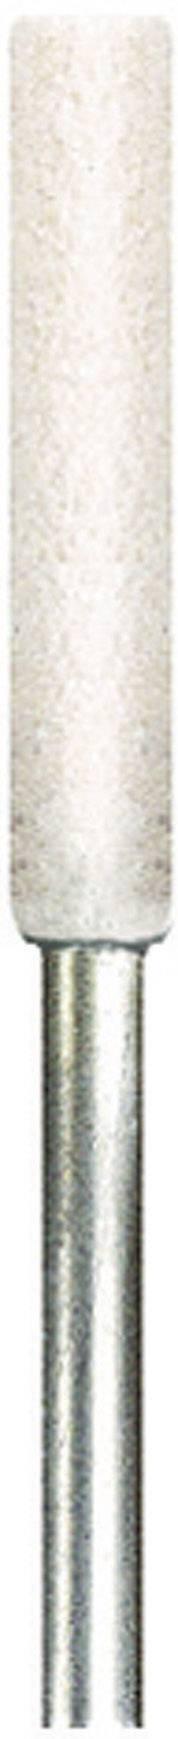 Brusná hlavice Dremel 457, Ø 4,5 mm